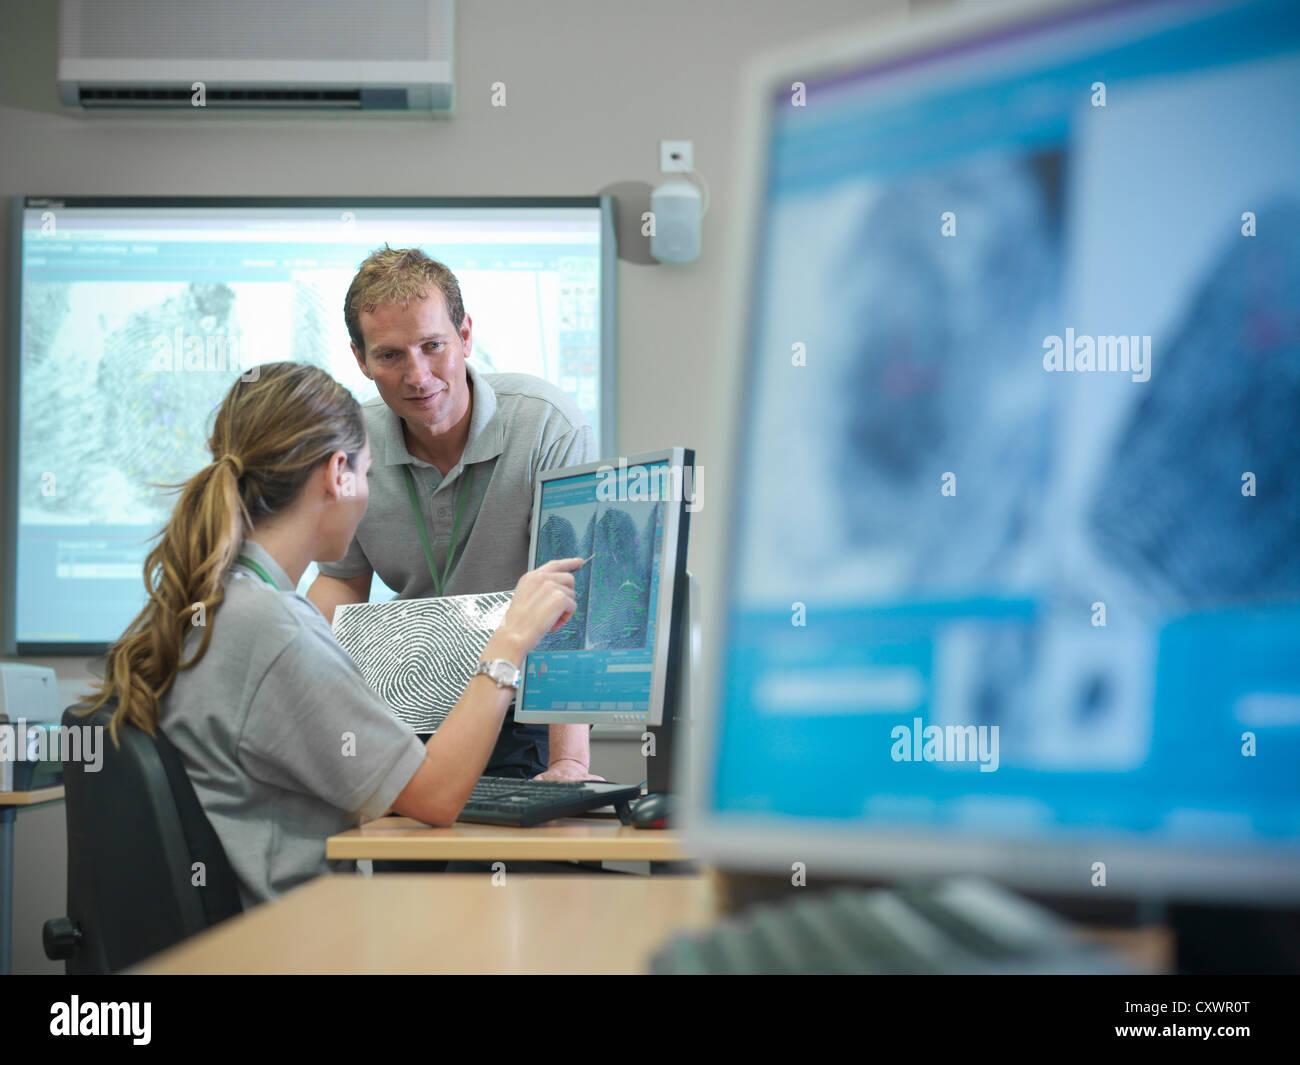 Forensic agli studenti di esaminare le impronte digitali Immagini Stock